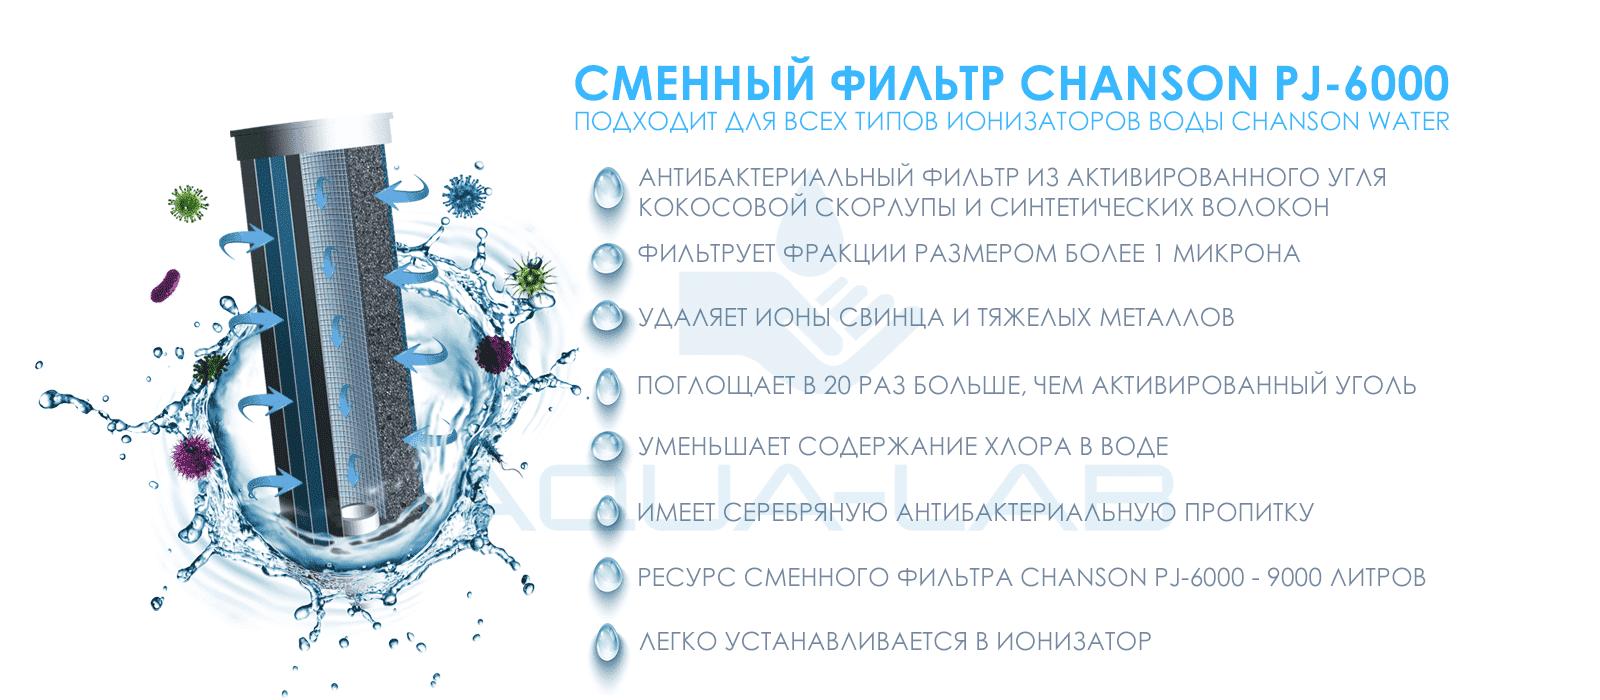 Сменный фильтры Chanson Water pj-6000